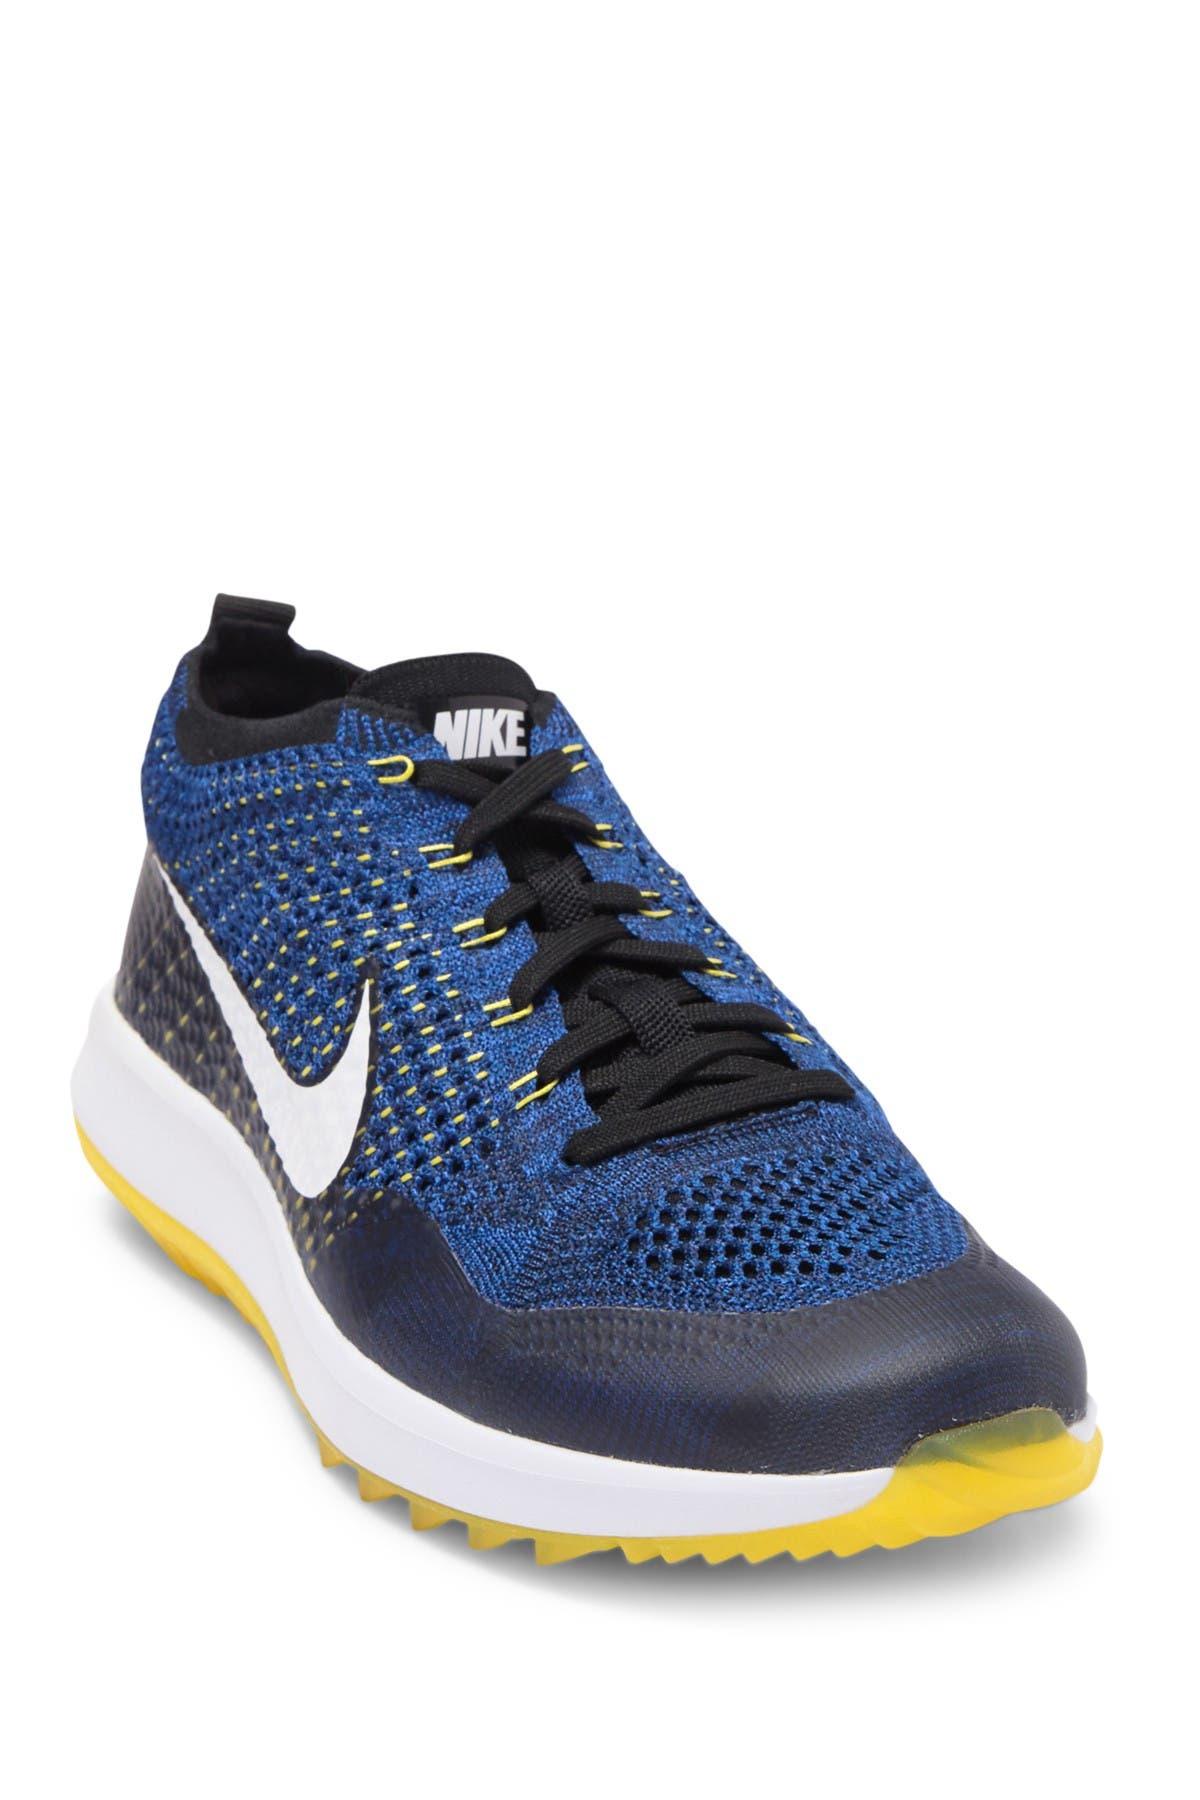 Nike | Flyknit Racer Sneaker